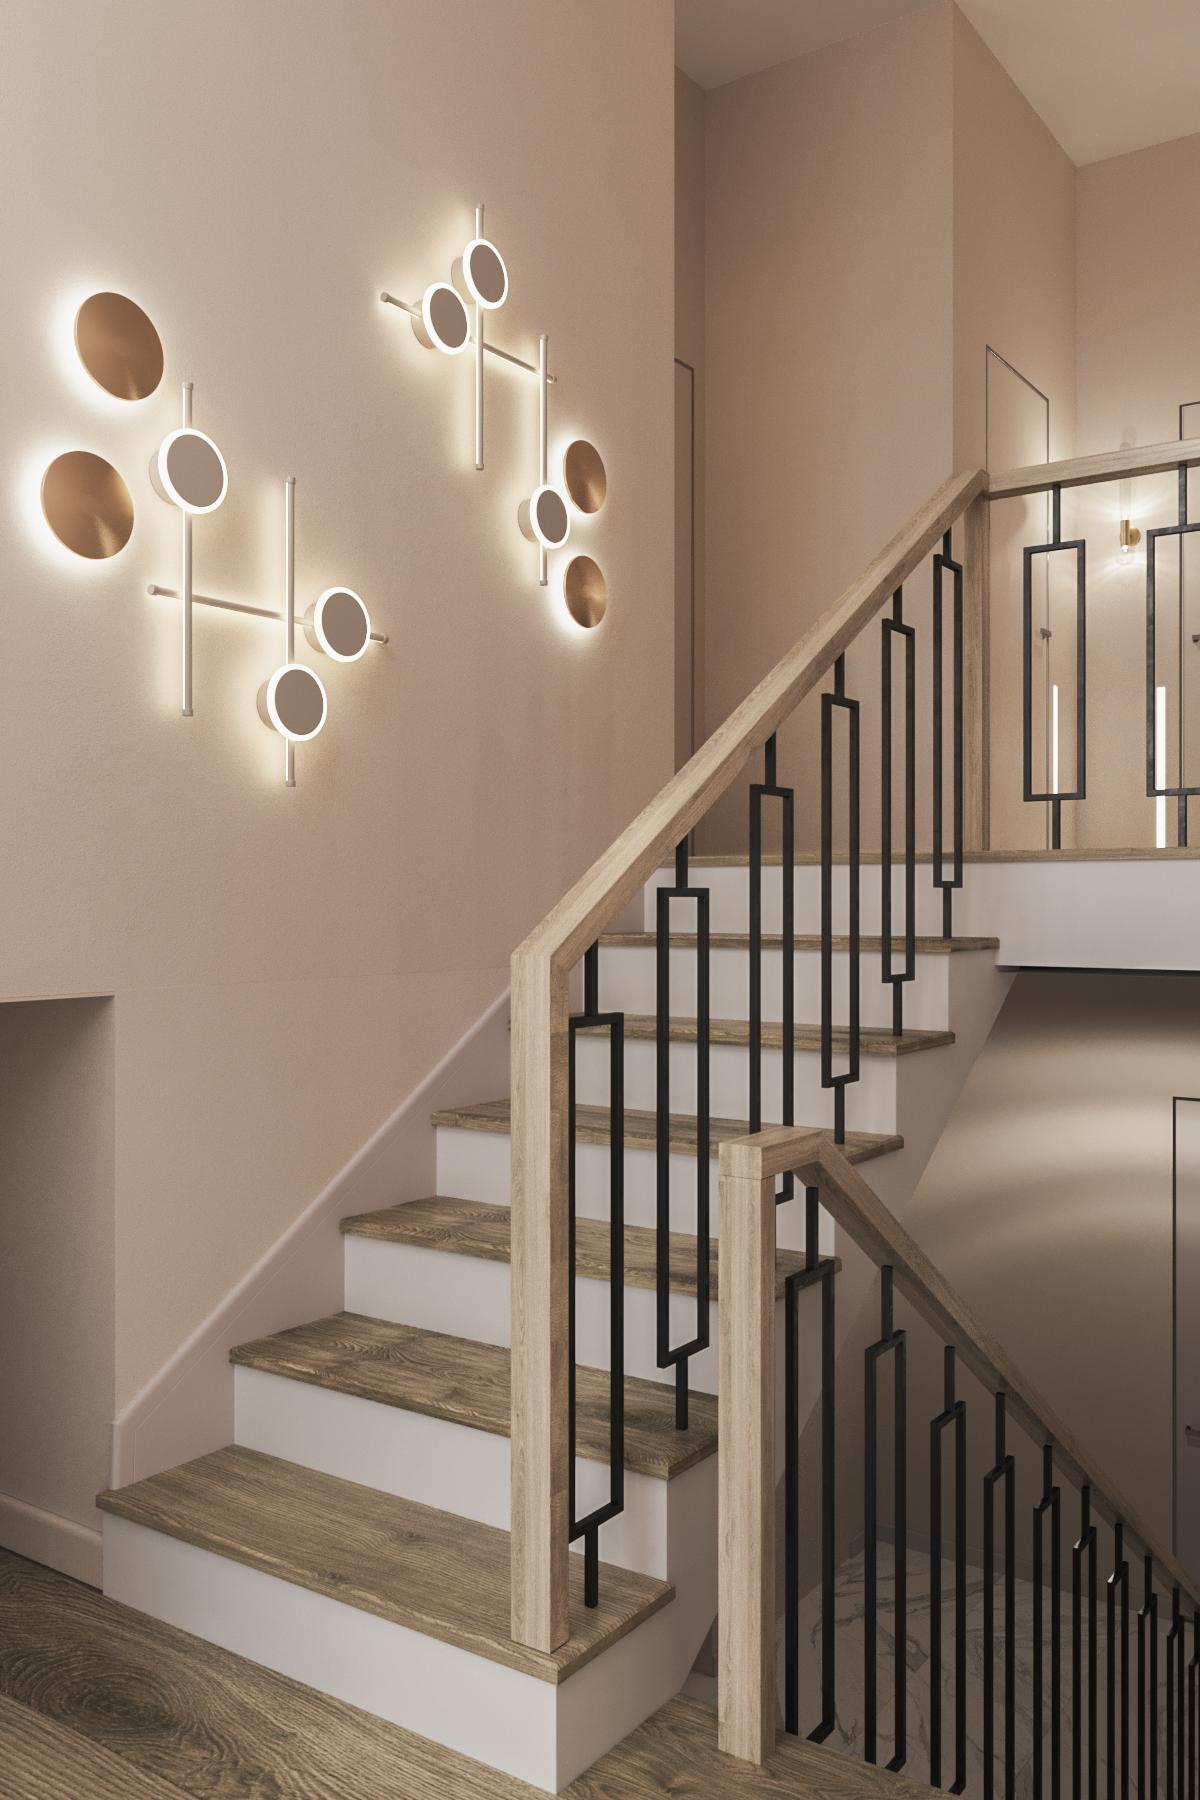 vladimirskaya_obl_stairs_2_floor_21.06.2020_05